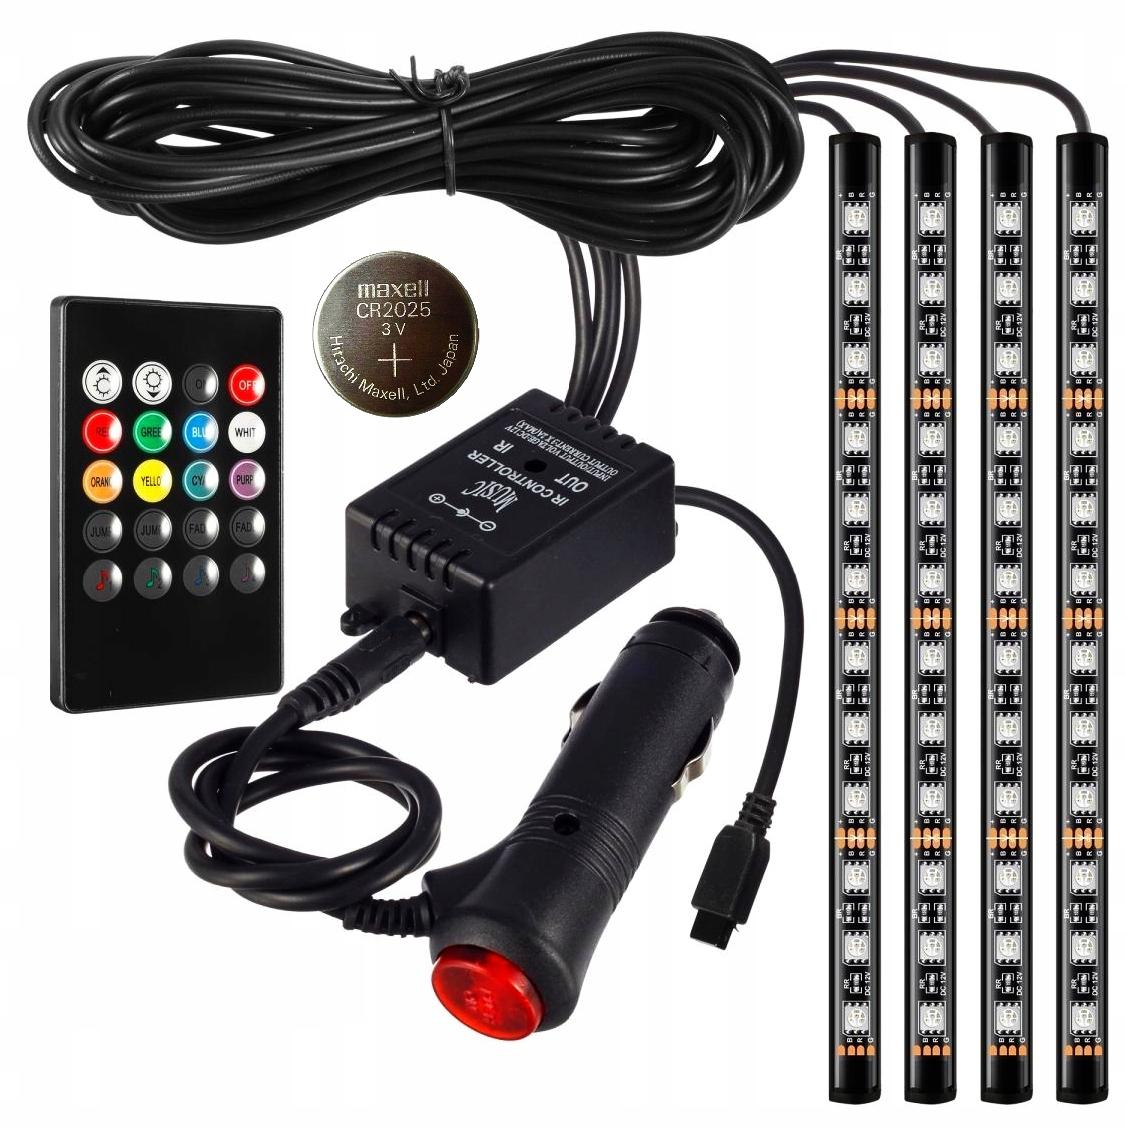 освещение интерьер кабины автомобиля 48 led rgb пульт